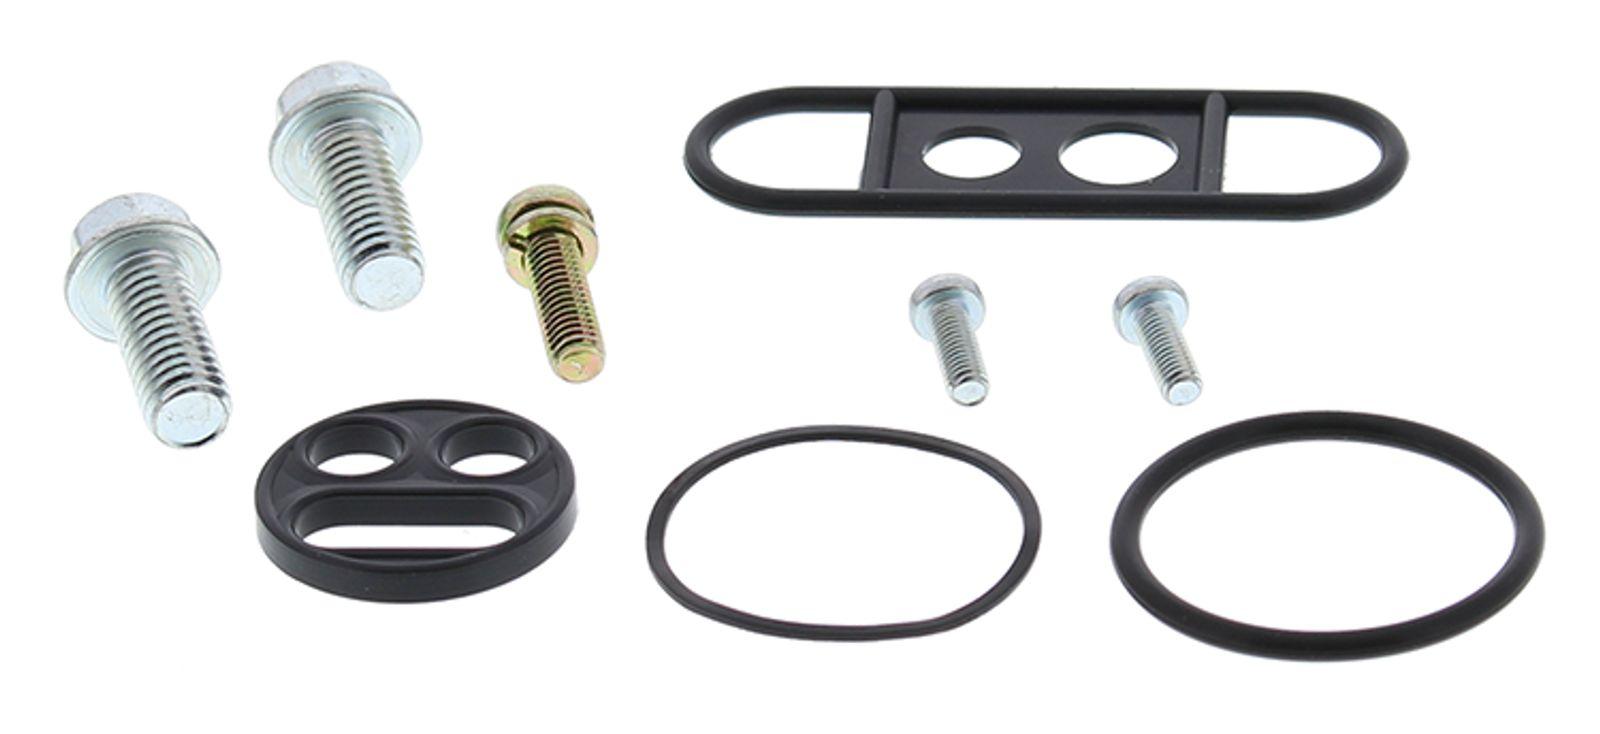 Wrp Fuel Tap Repair Kits - WRP601007 image